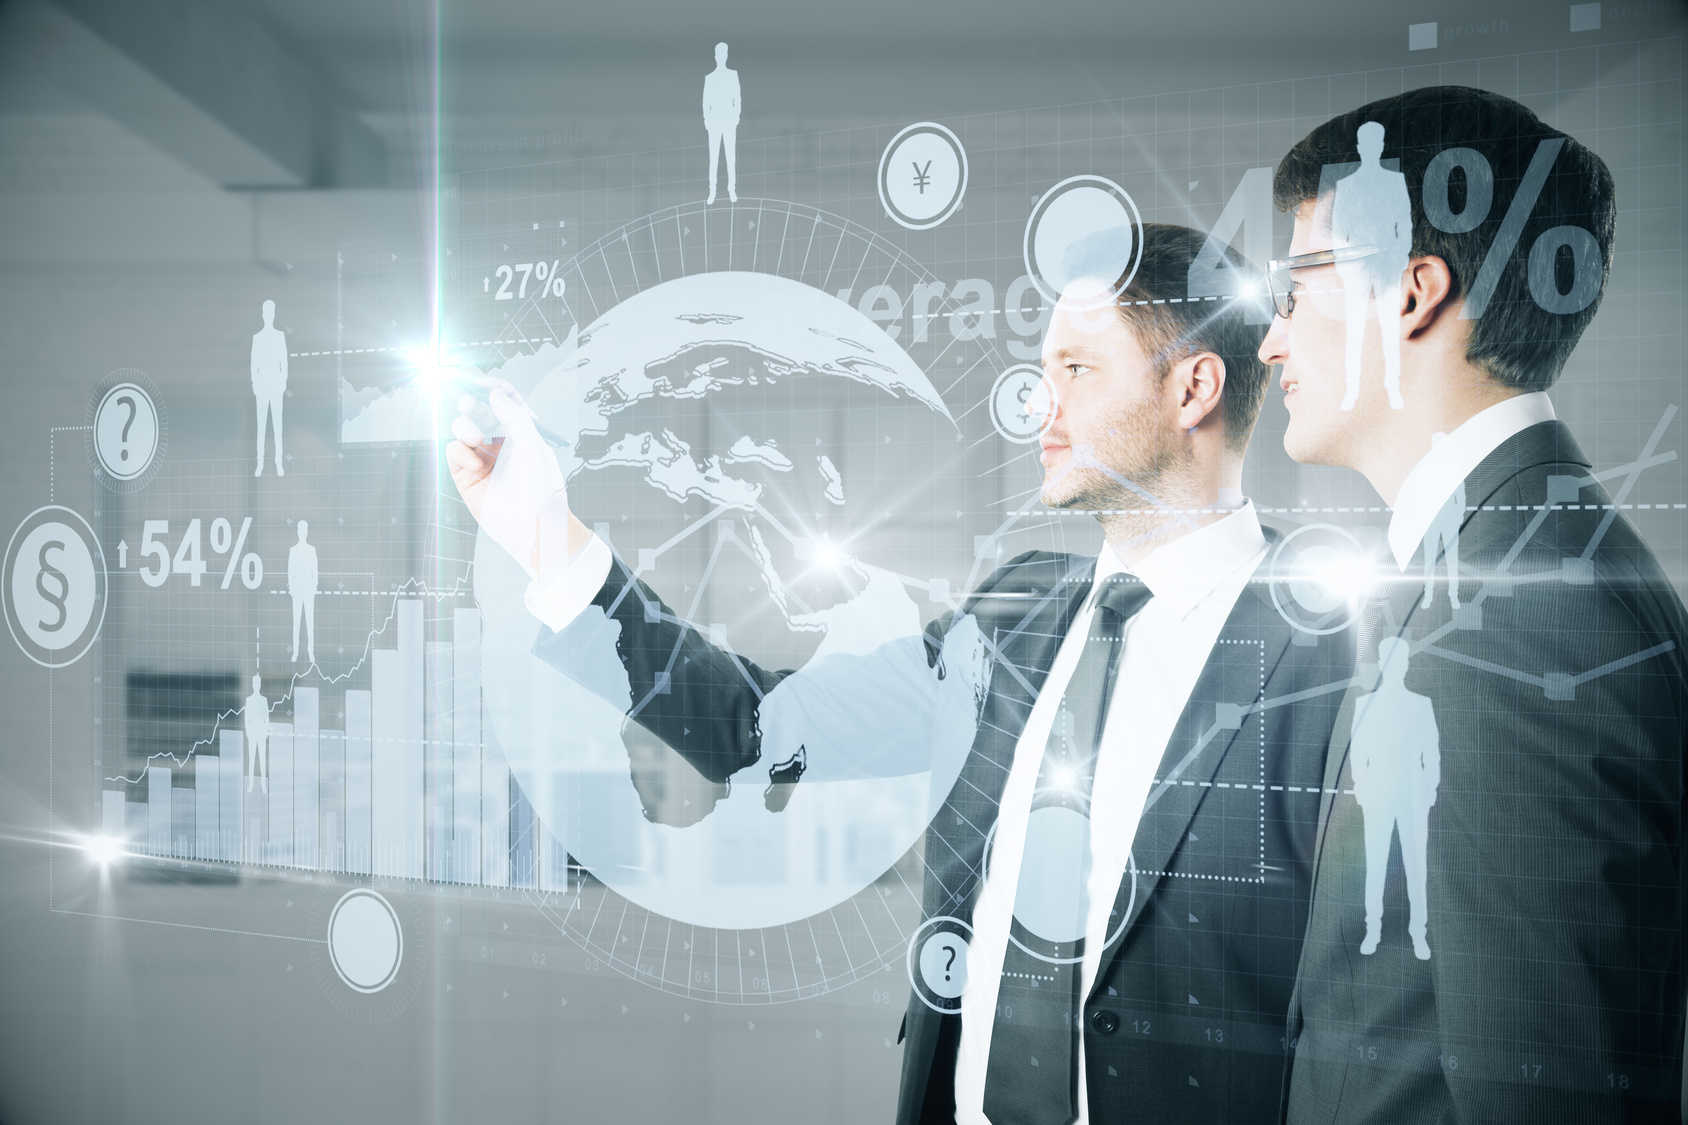 Digitalisierung im Recruiting: Diese neuen Herausforderungen kommen auf Recruiter zu